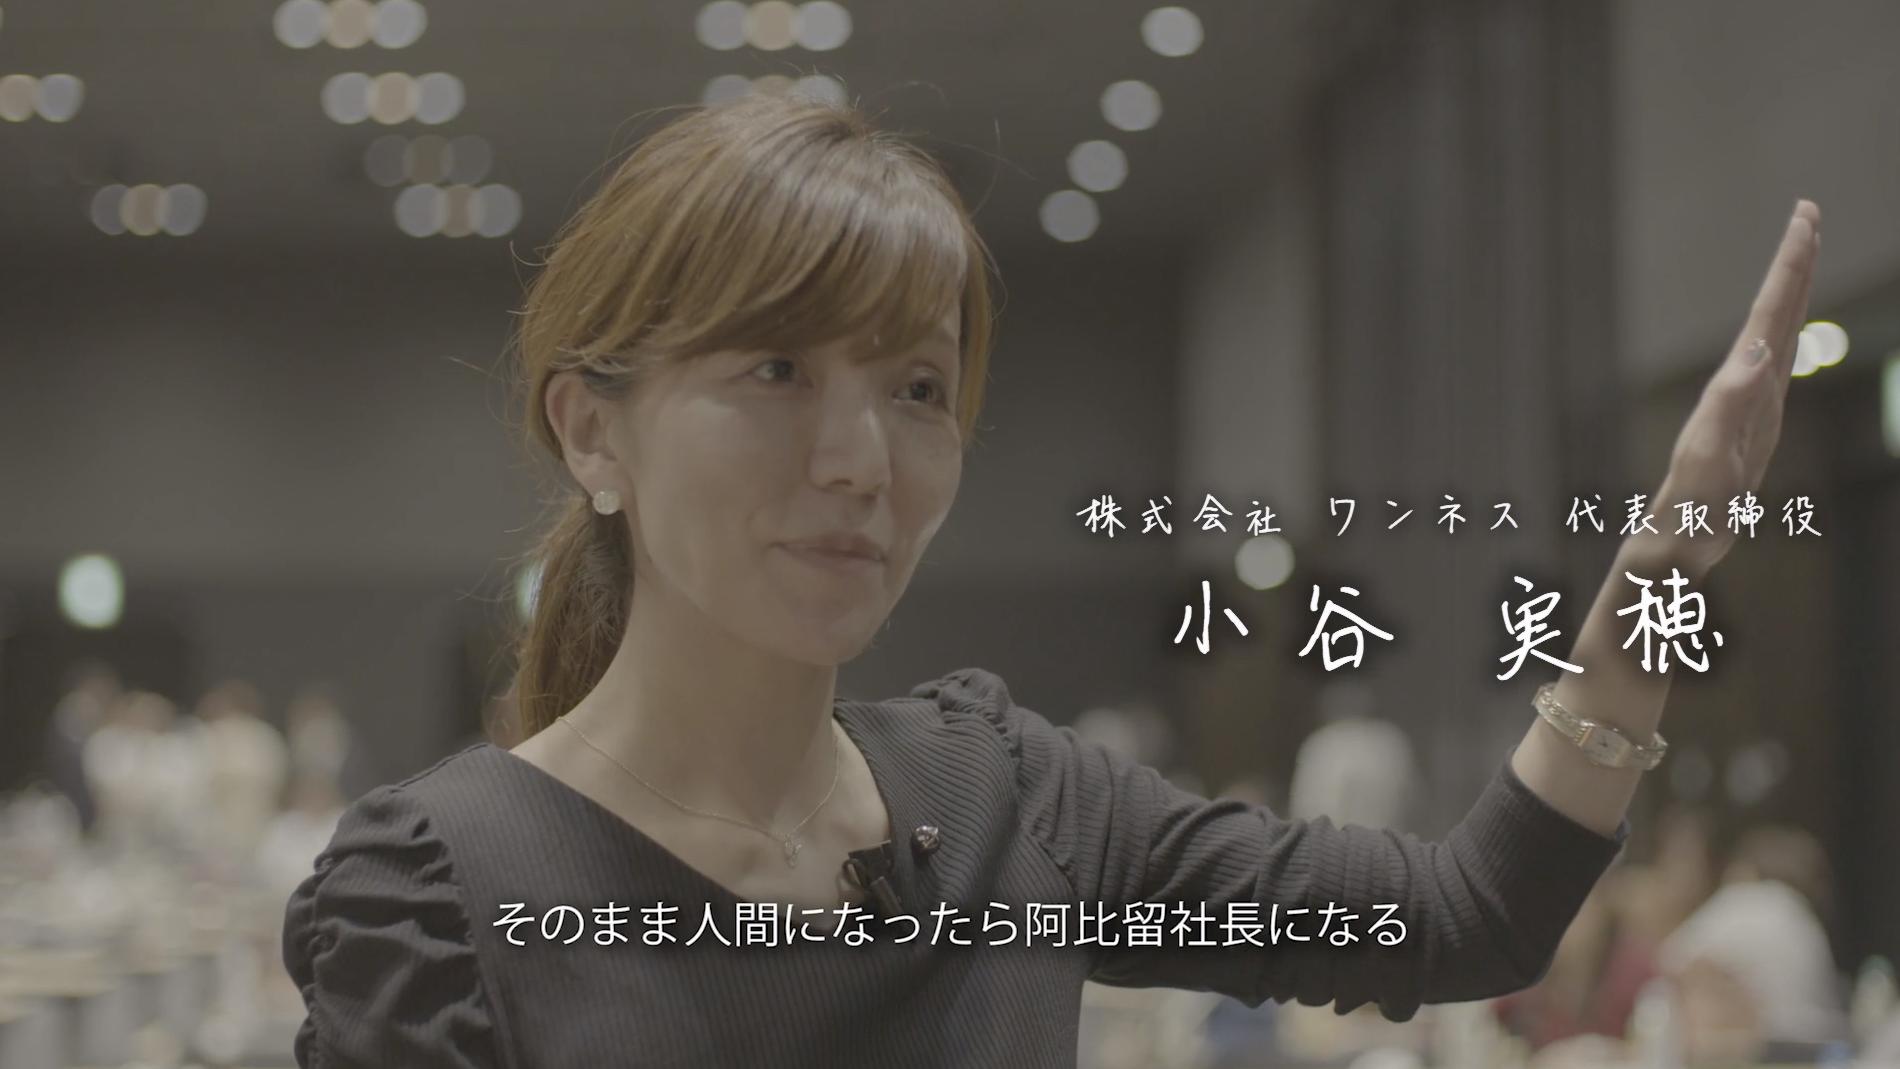 株式会社ワンネス代表取締役 小谷実穂